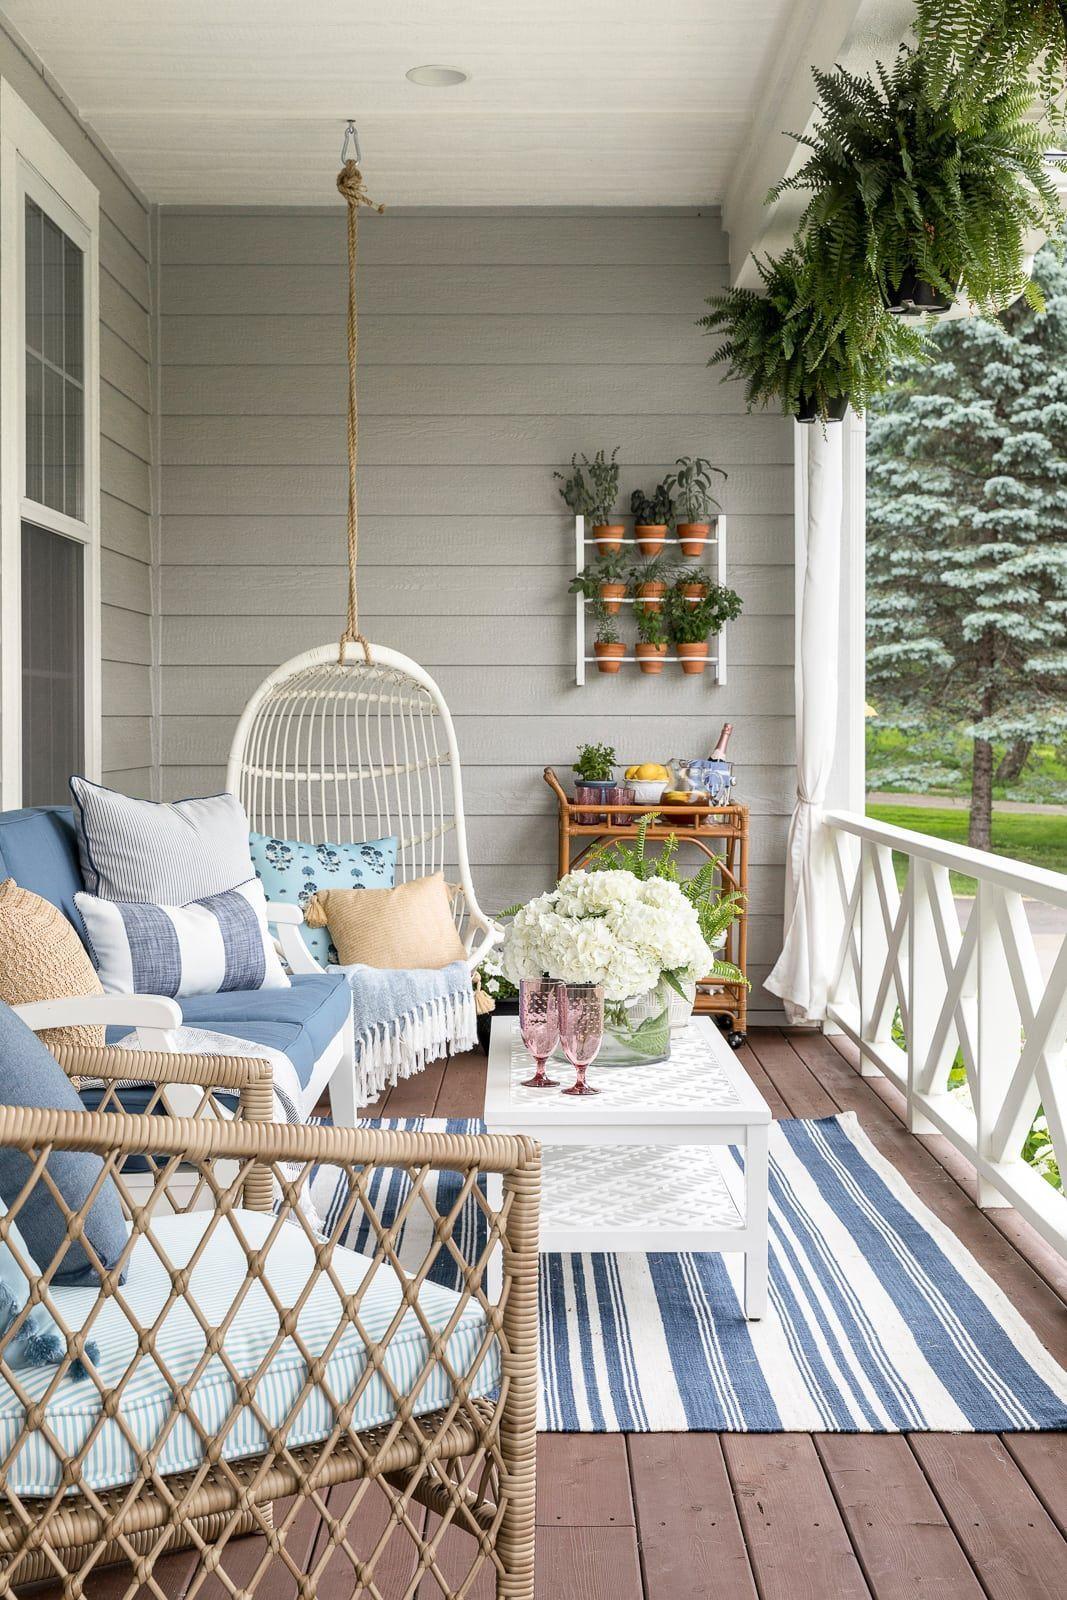 [ #Balcony Garden #Balcony Garden apartment #Balcony Garden ideas #Balcony Garden small #Bria #front #Hammel #Interiors #Porch #Reveal